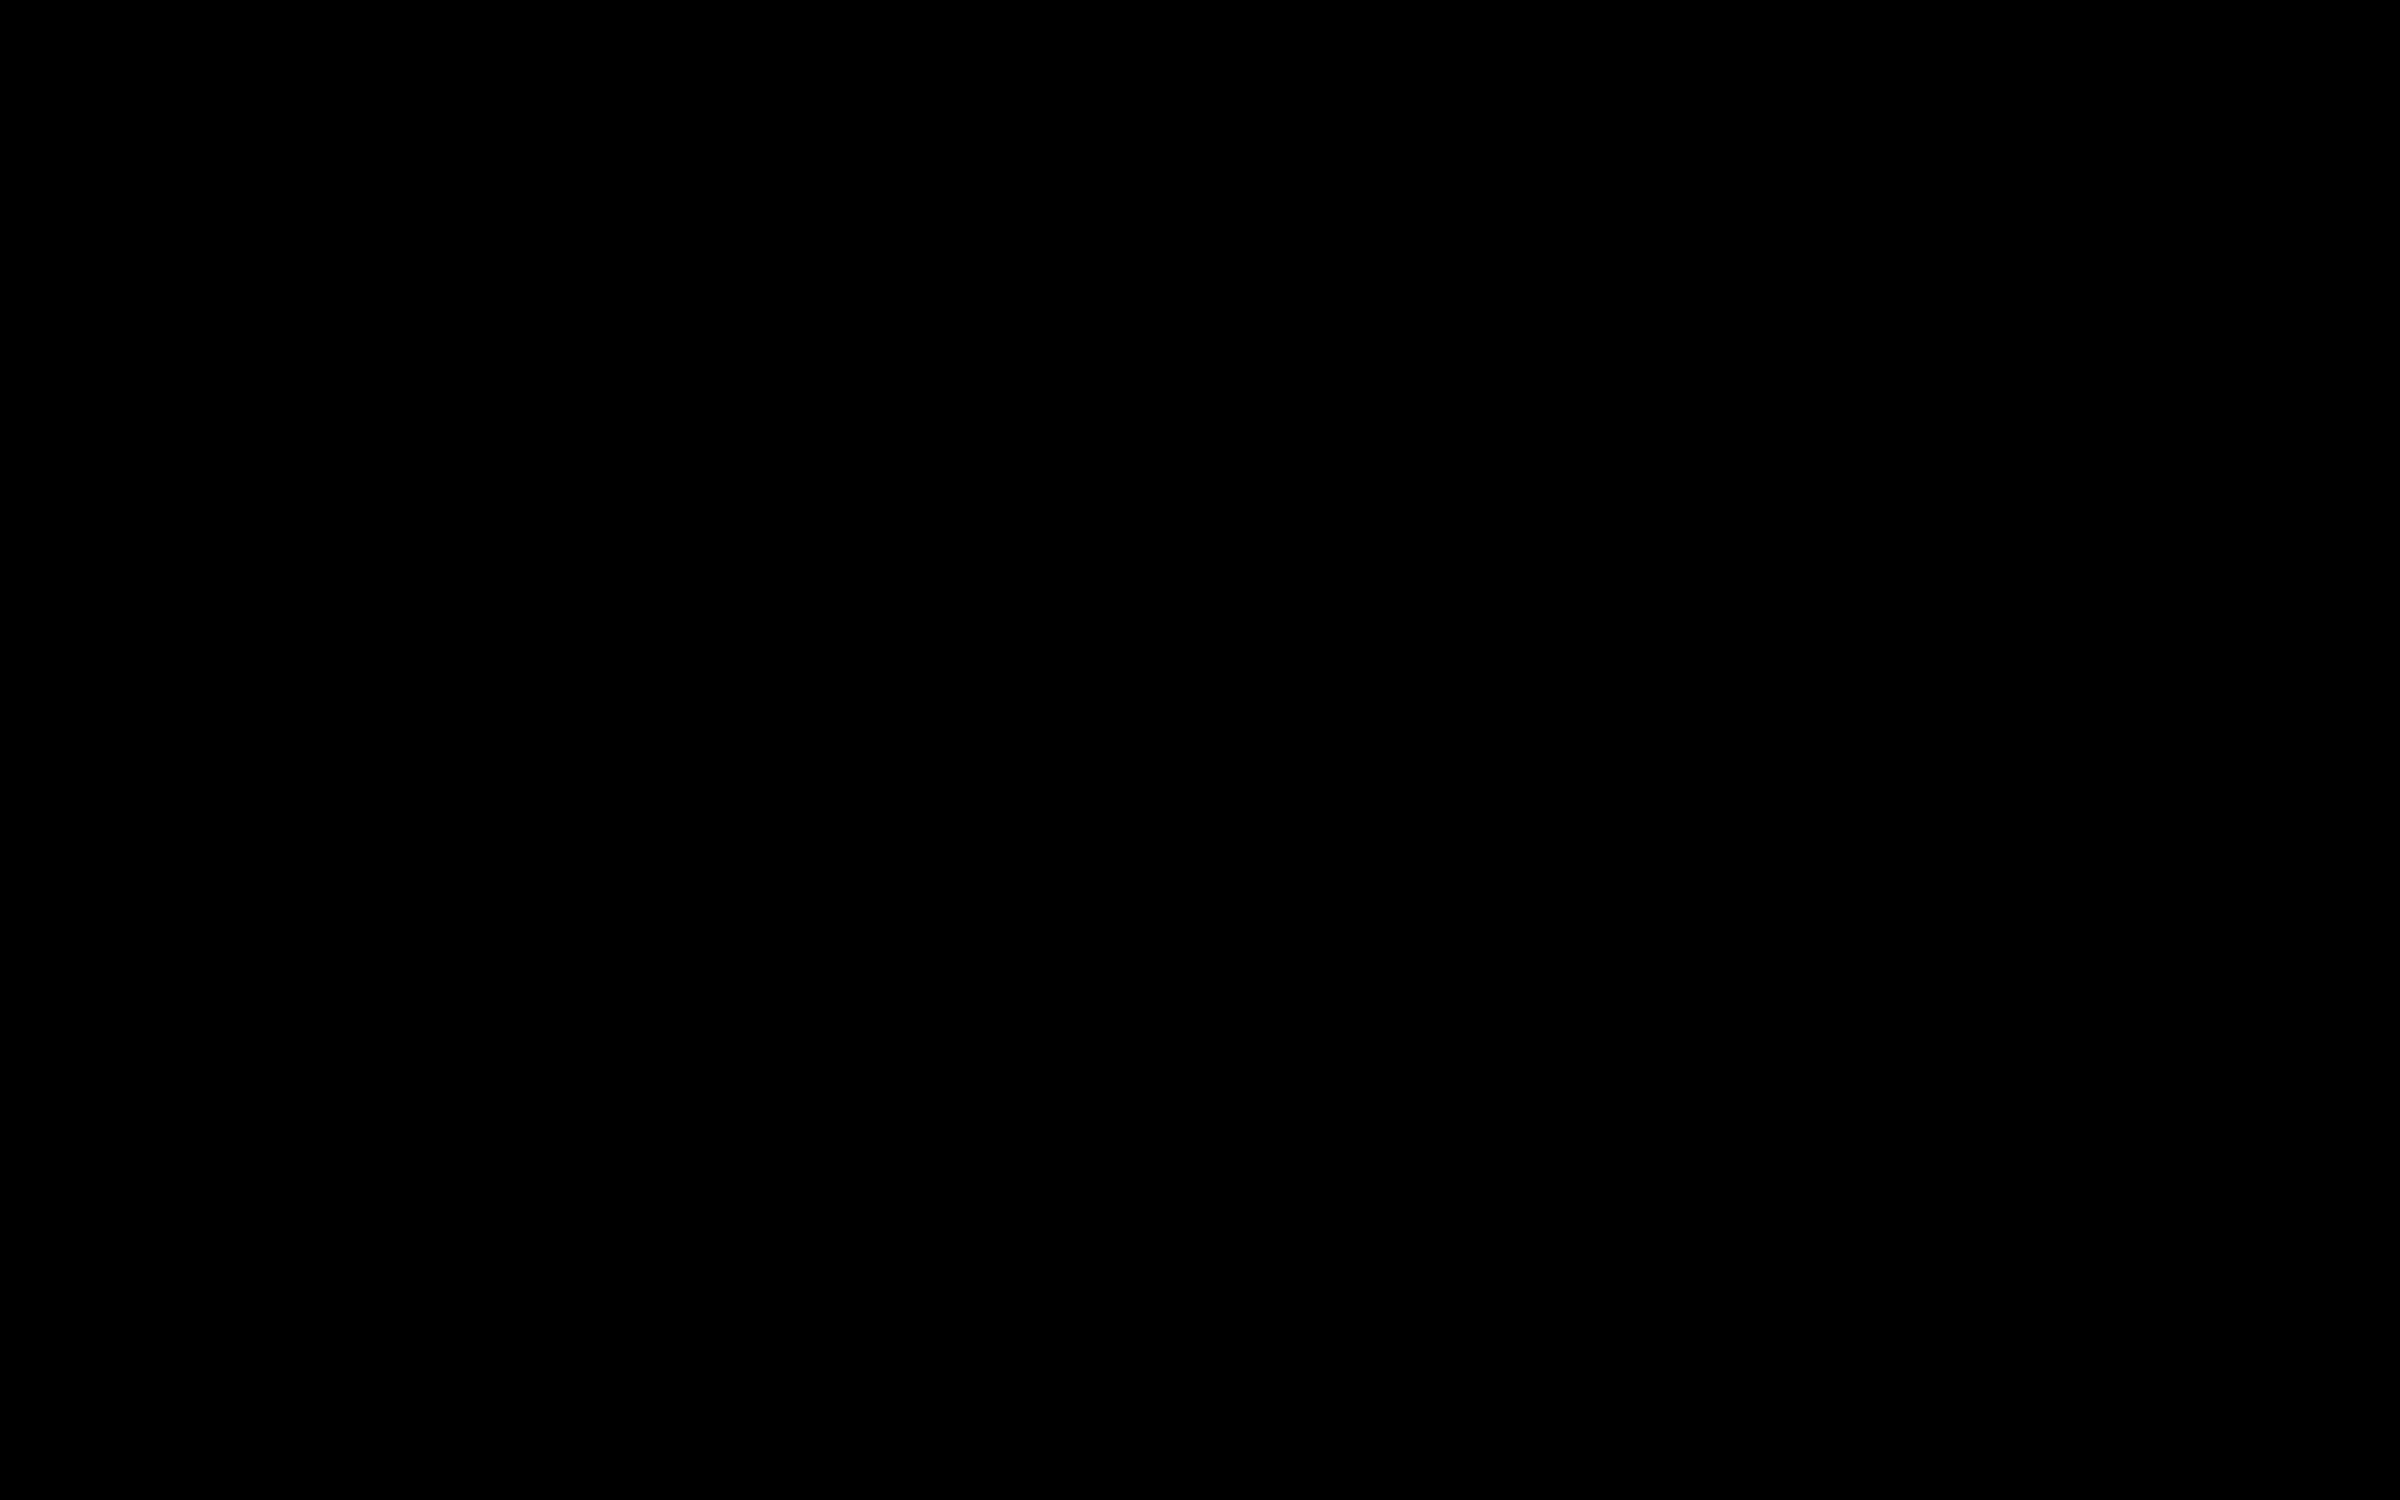 Fishnet Pattern Png (+).